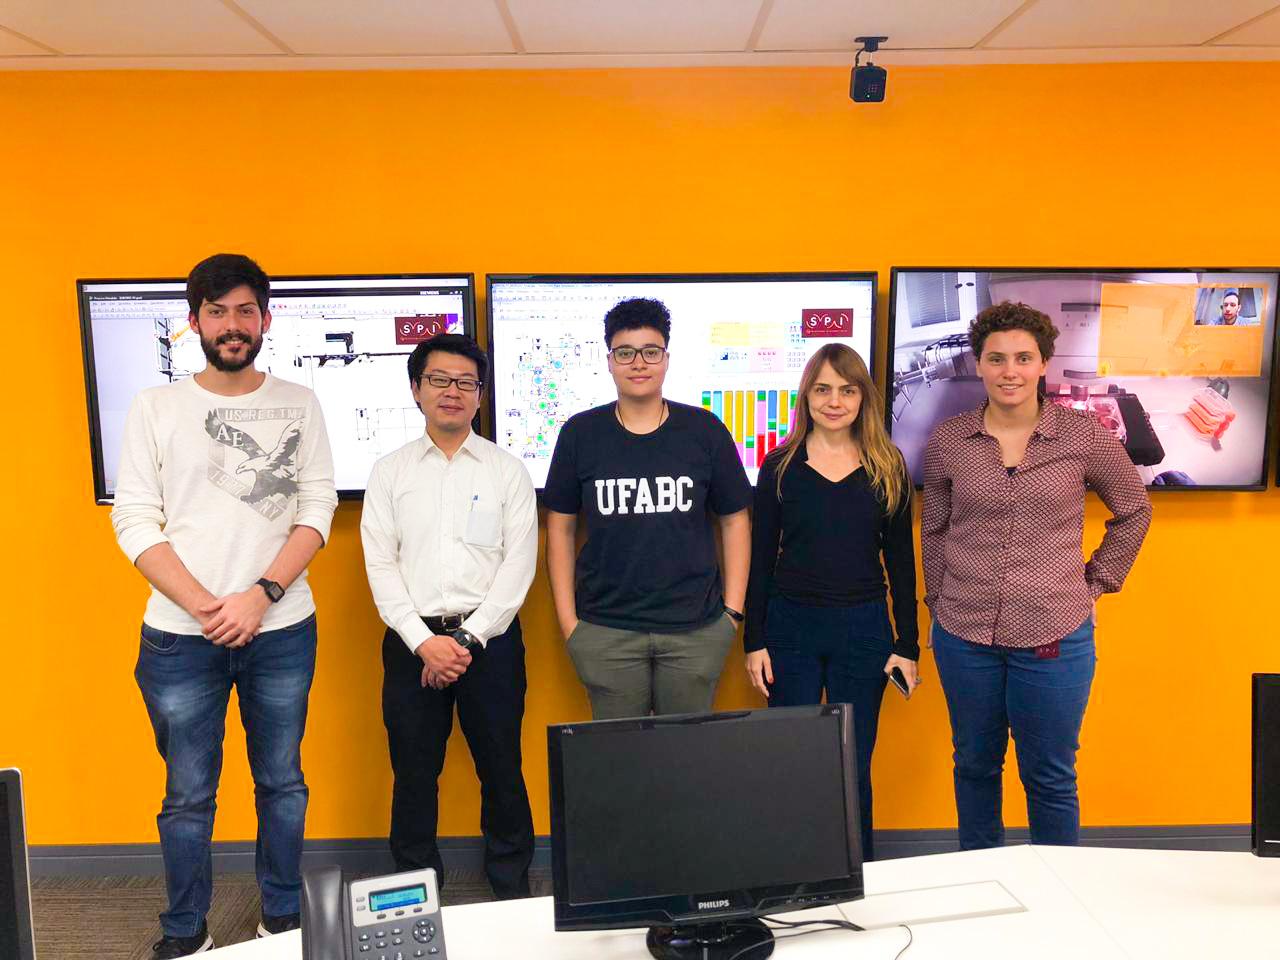 Visita da UFABC